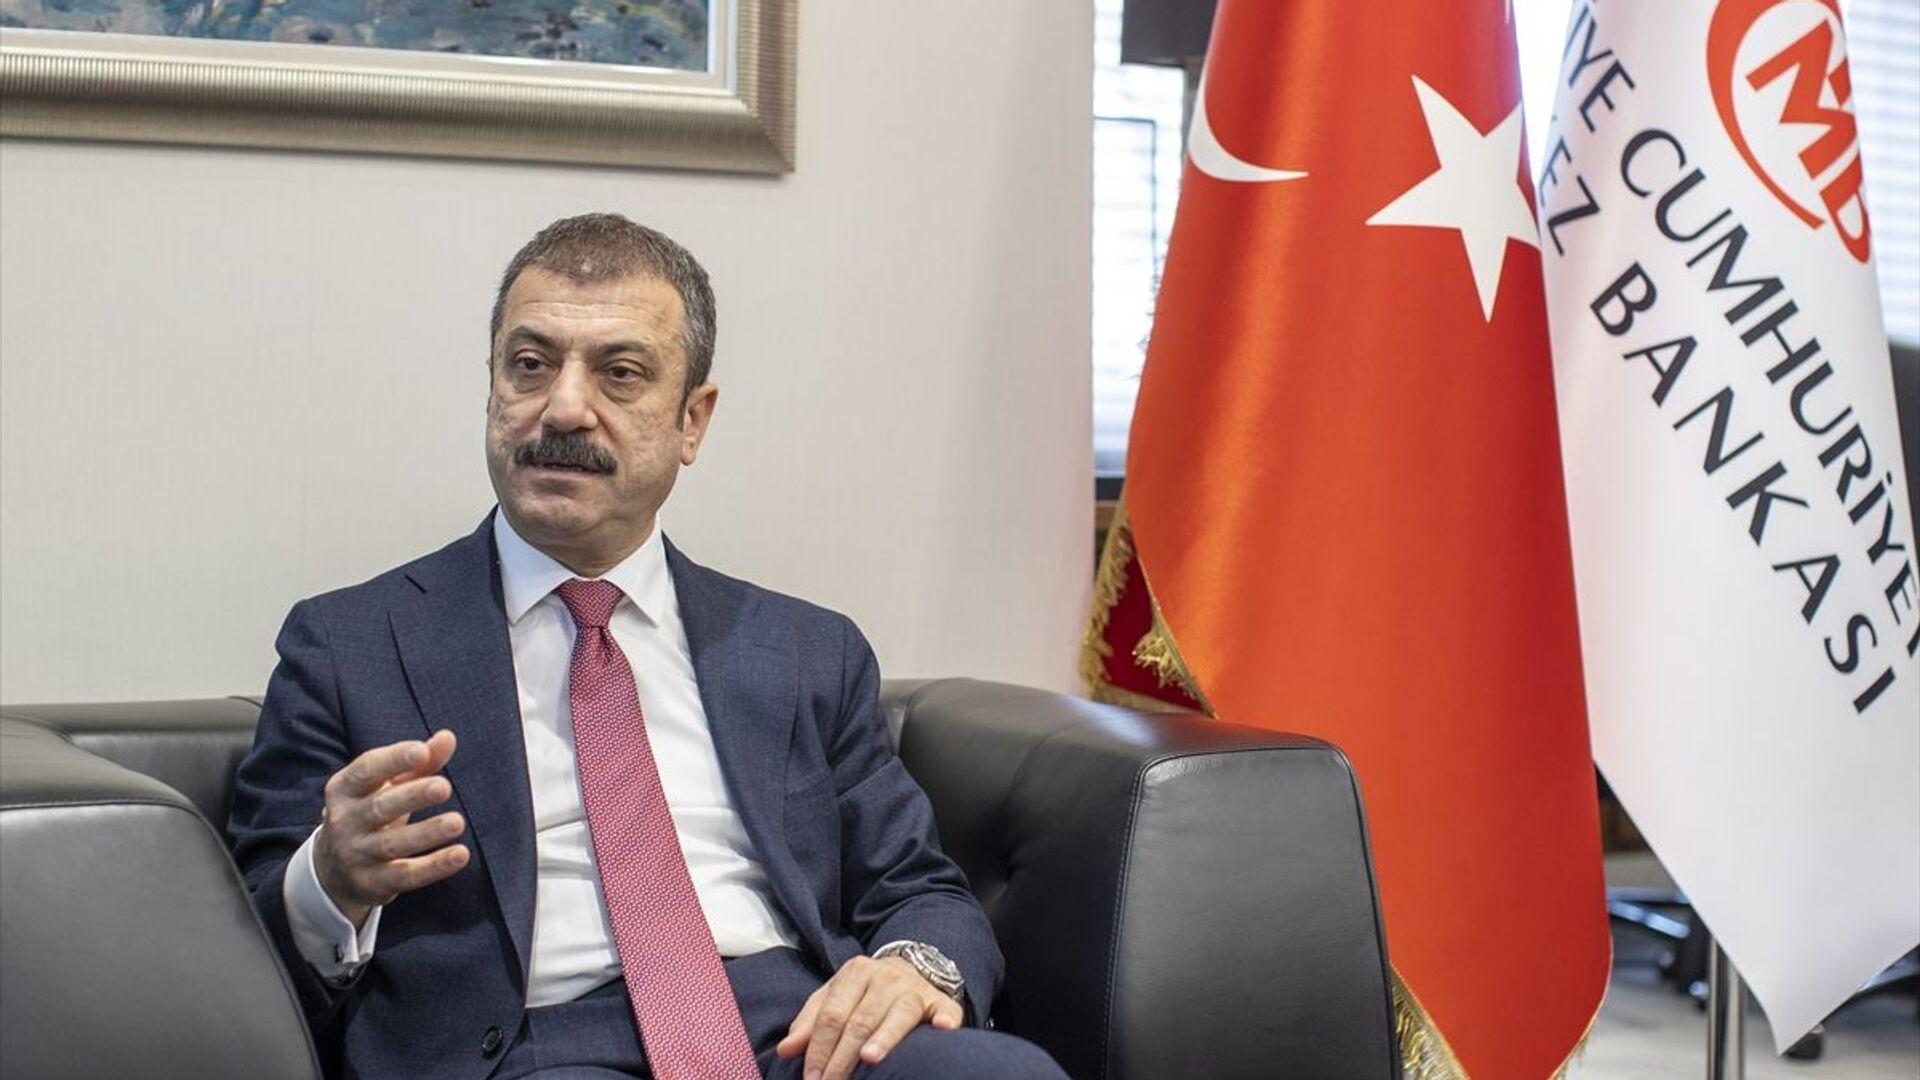 Şahap Kavcıoğlu - Sputnik Türkiye, 1920, 27.09.2021